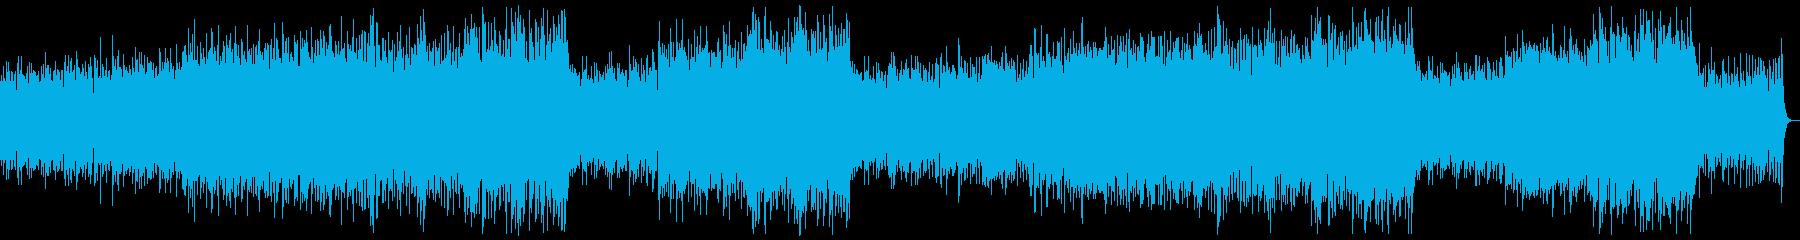 ケルト風ポップオーケストラ:フル2回の再生済みの波形